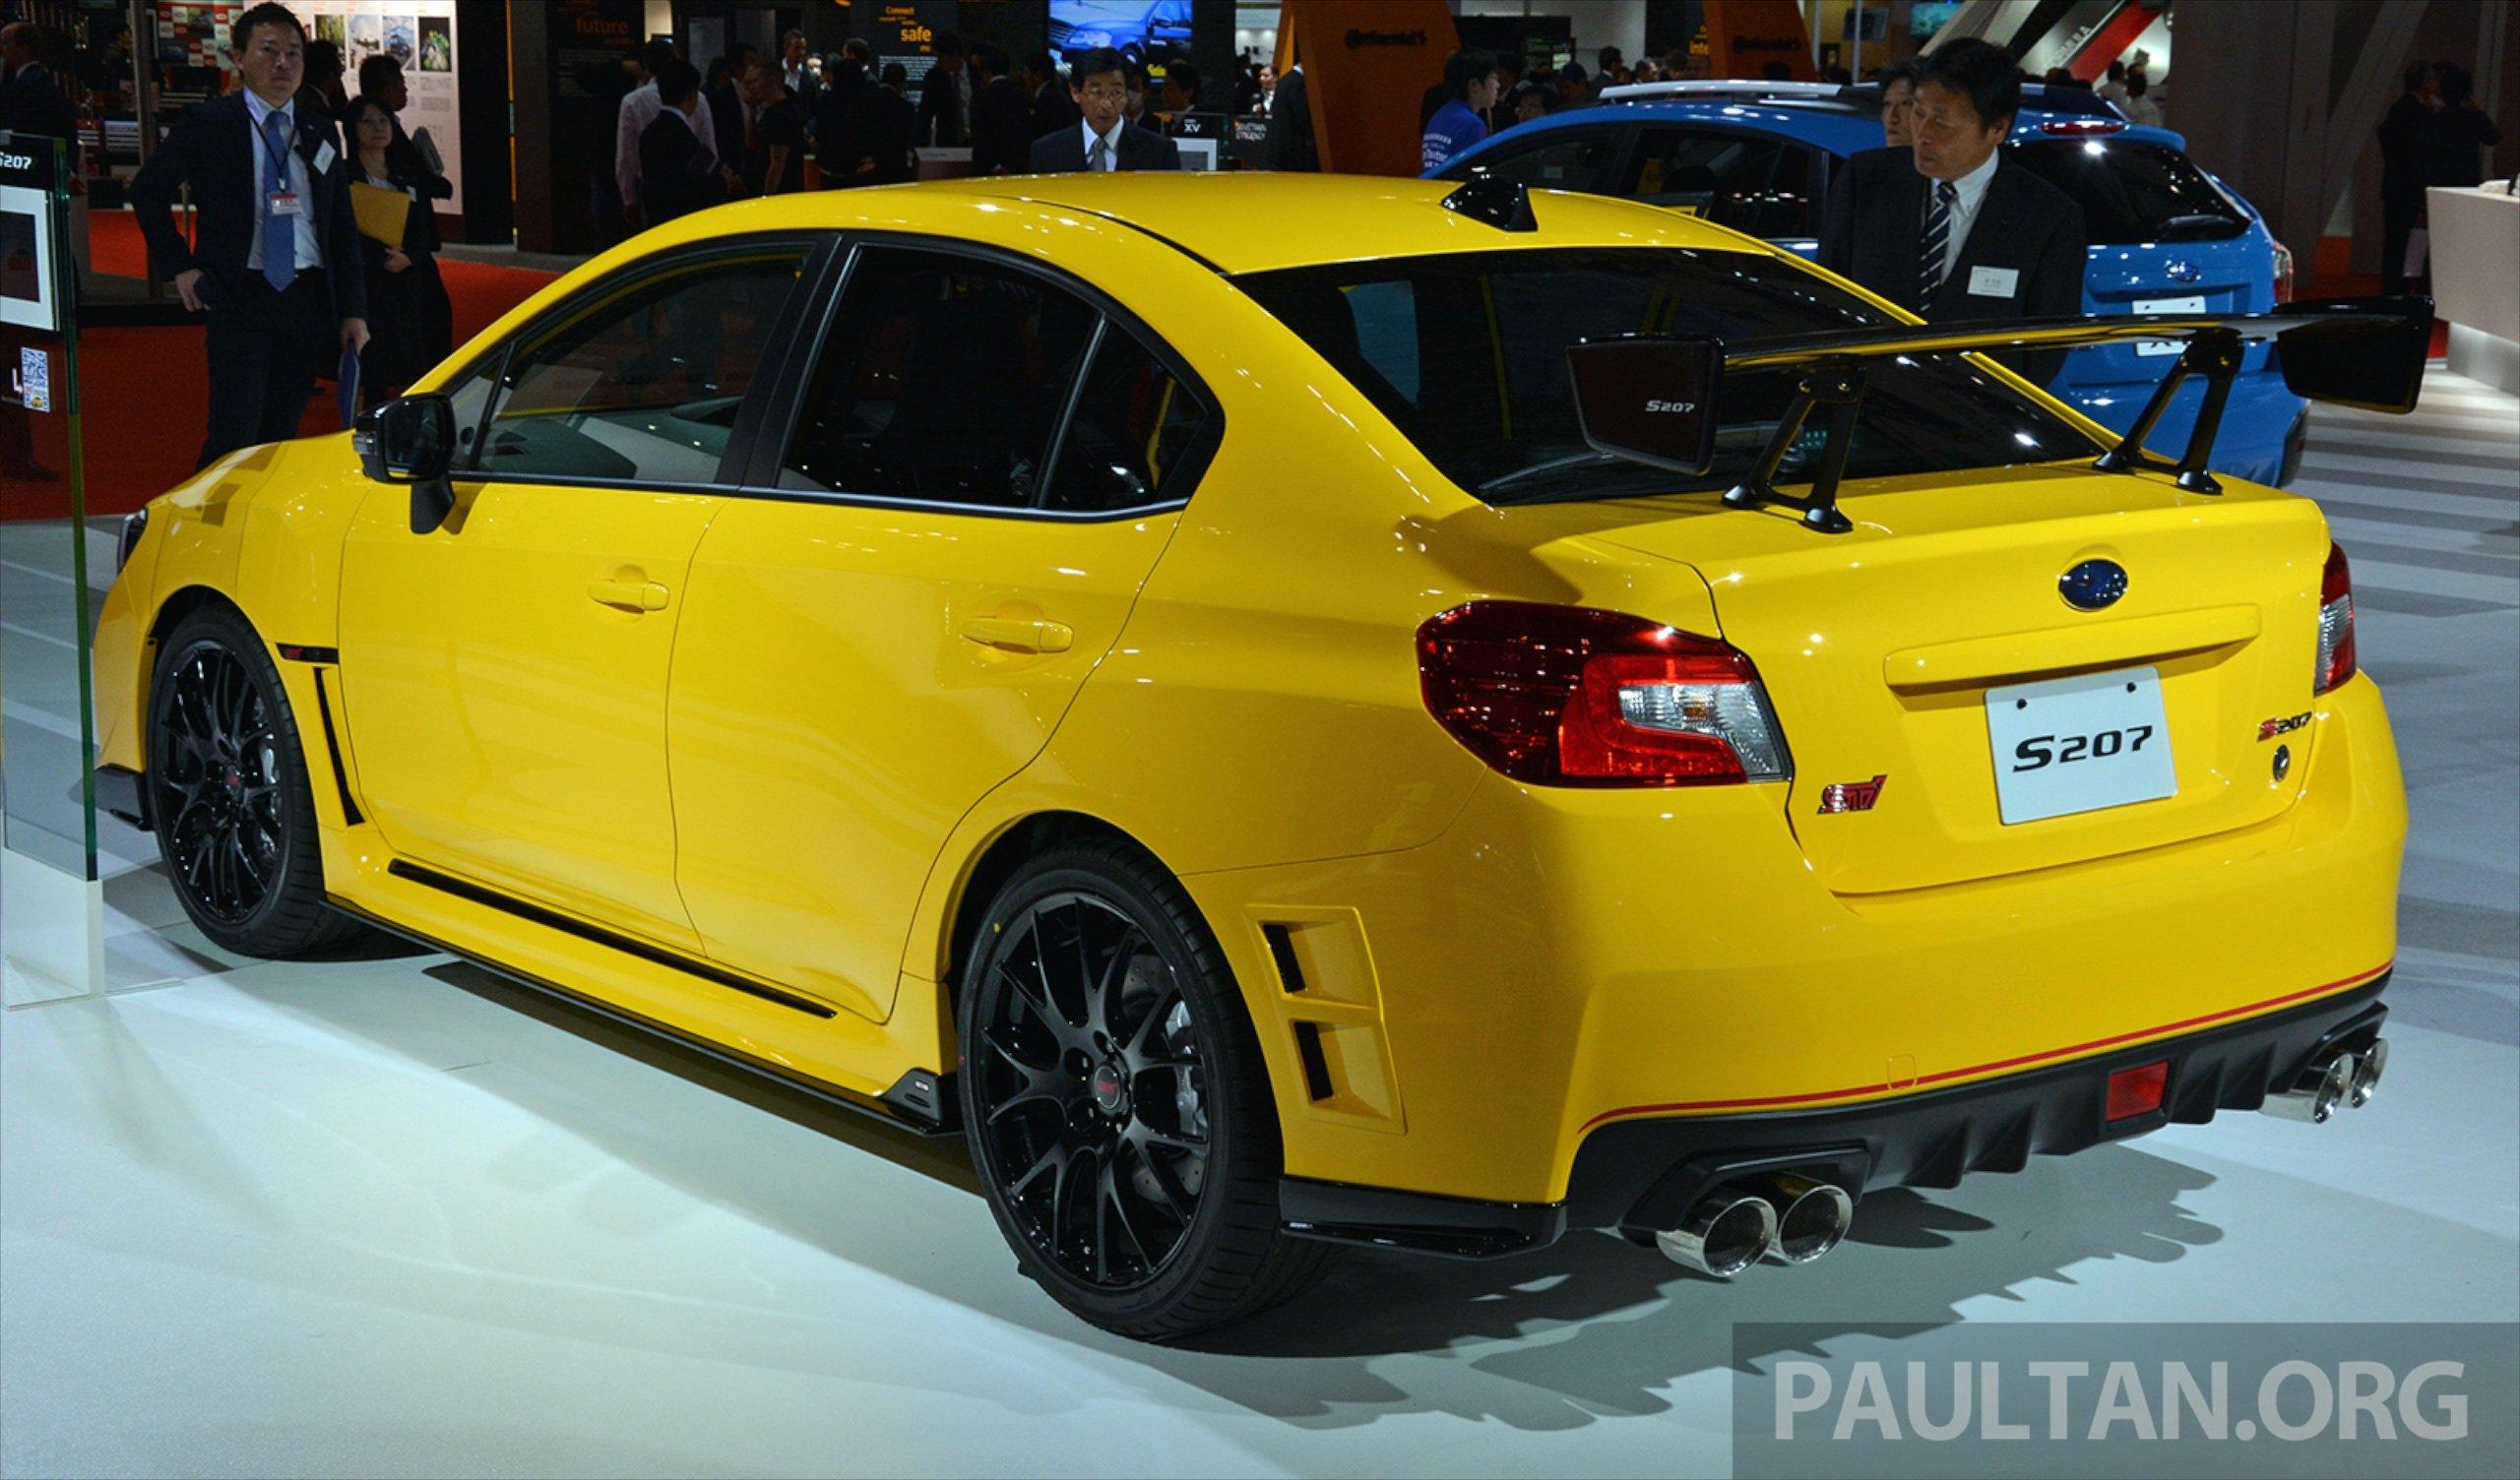 Tokyo 2015: Subaru WRX STI S207 unveiled for Japan Image ...